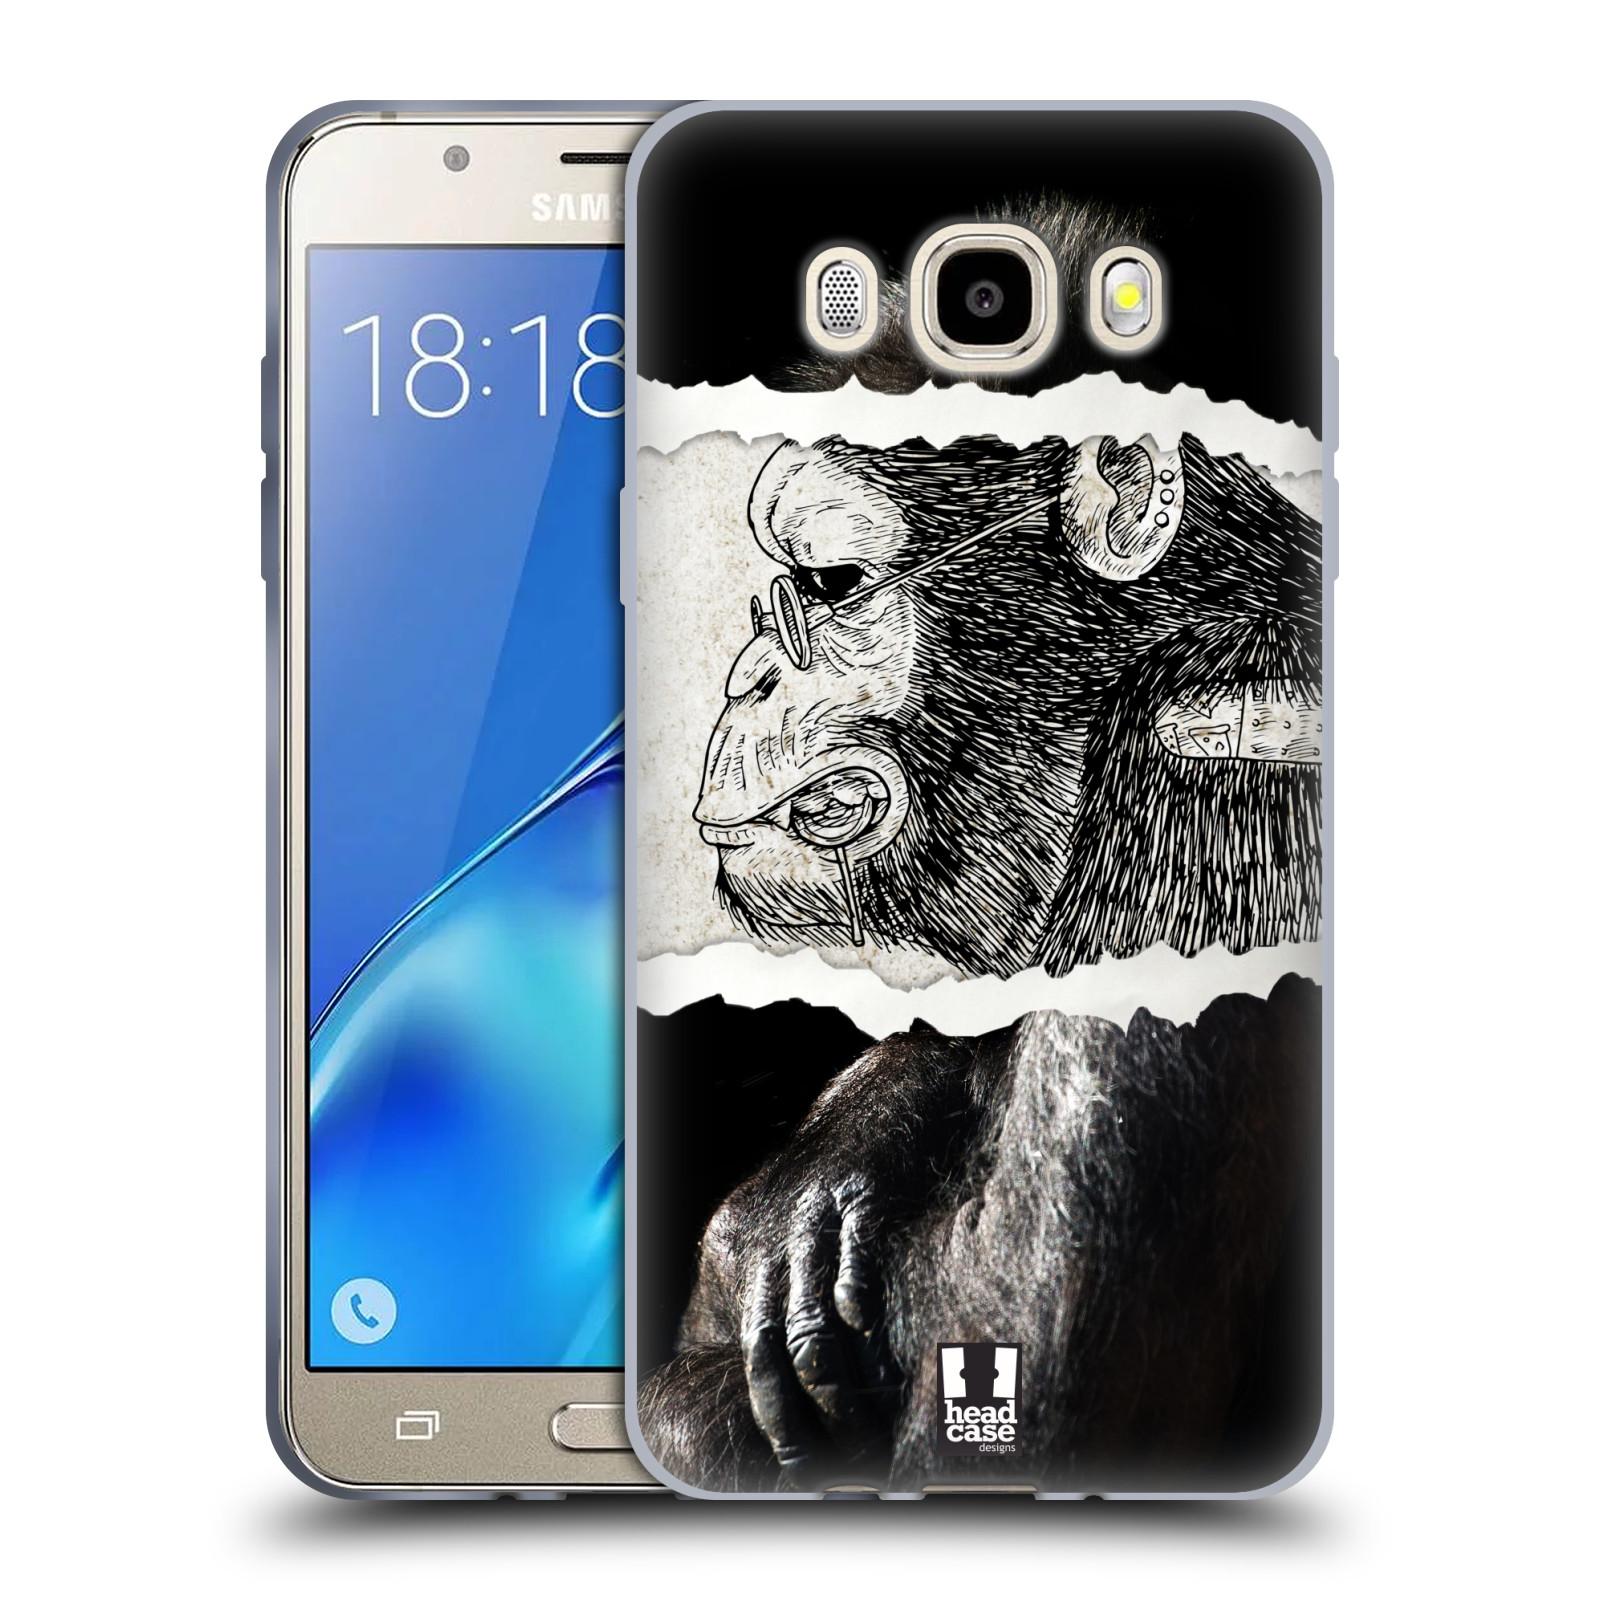 HEAD CASE silikonový obal, kryt na mobil Samsung Galaxy J5 2016, J510, J510F, (J510F DUAL SIM) vzor zvířata koláž opice